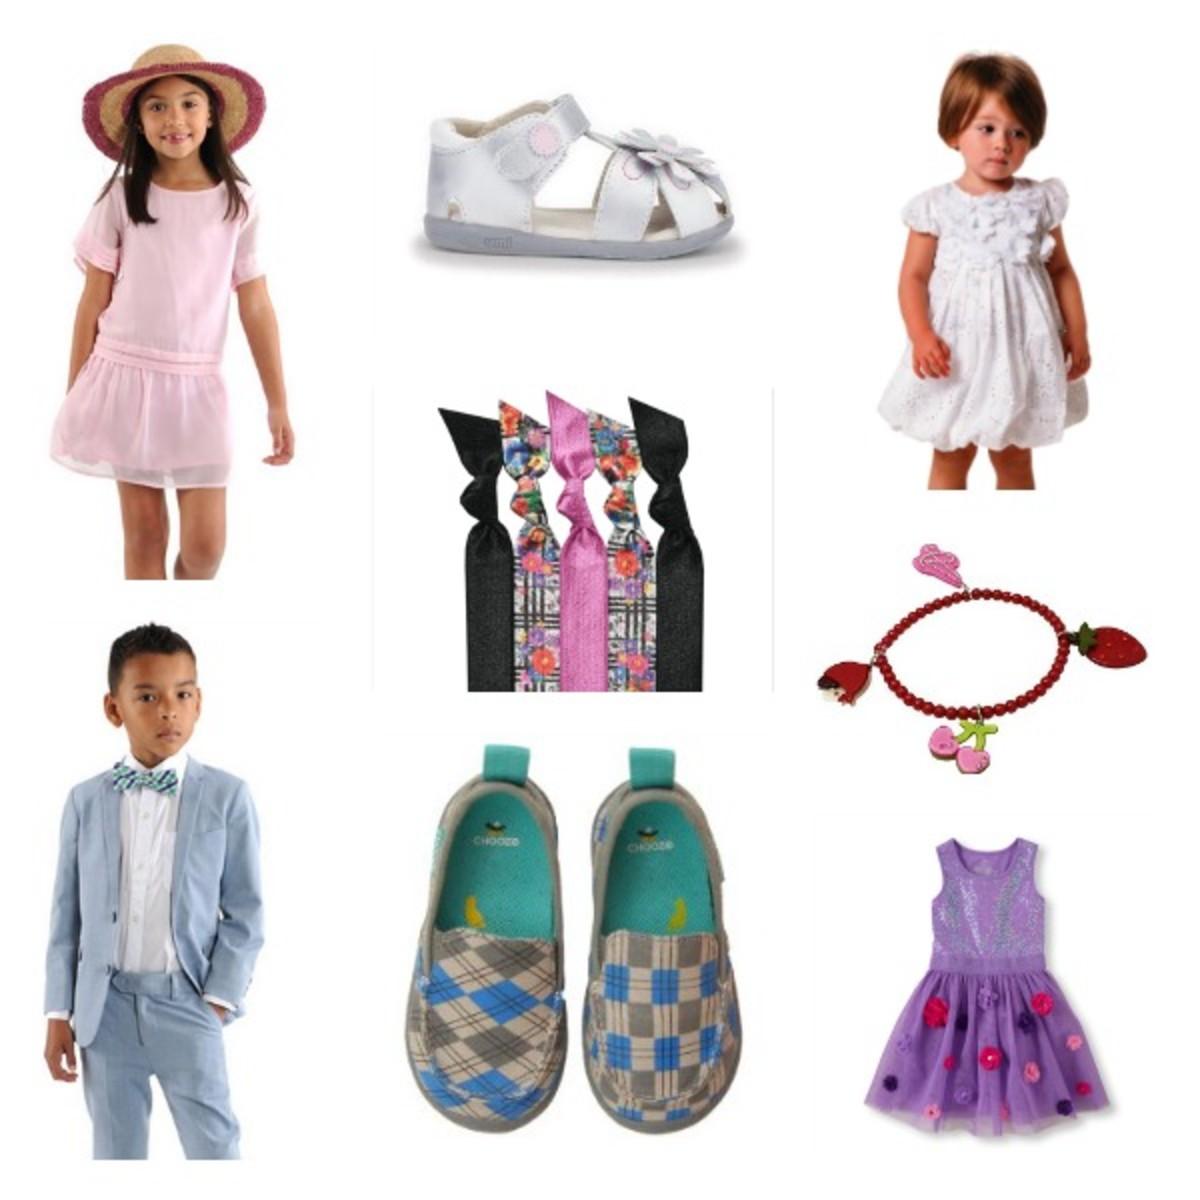 Easter fashions.jpg